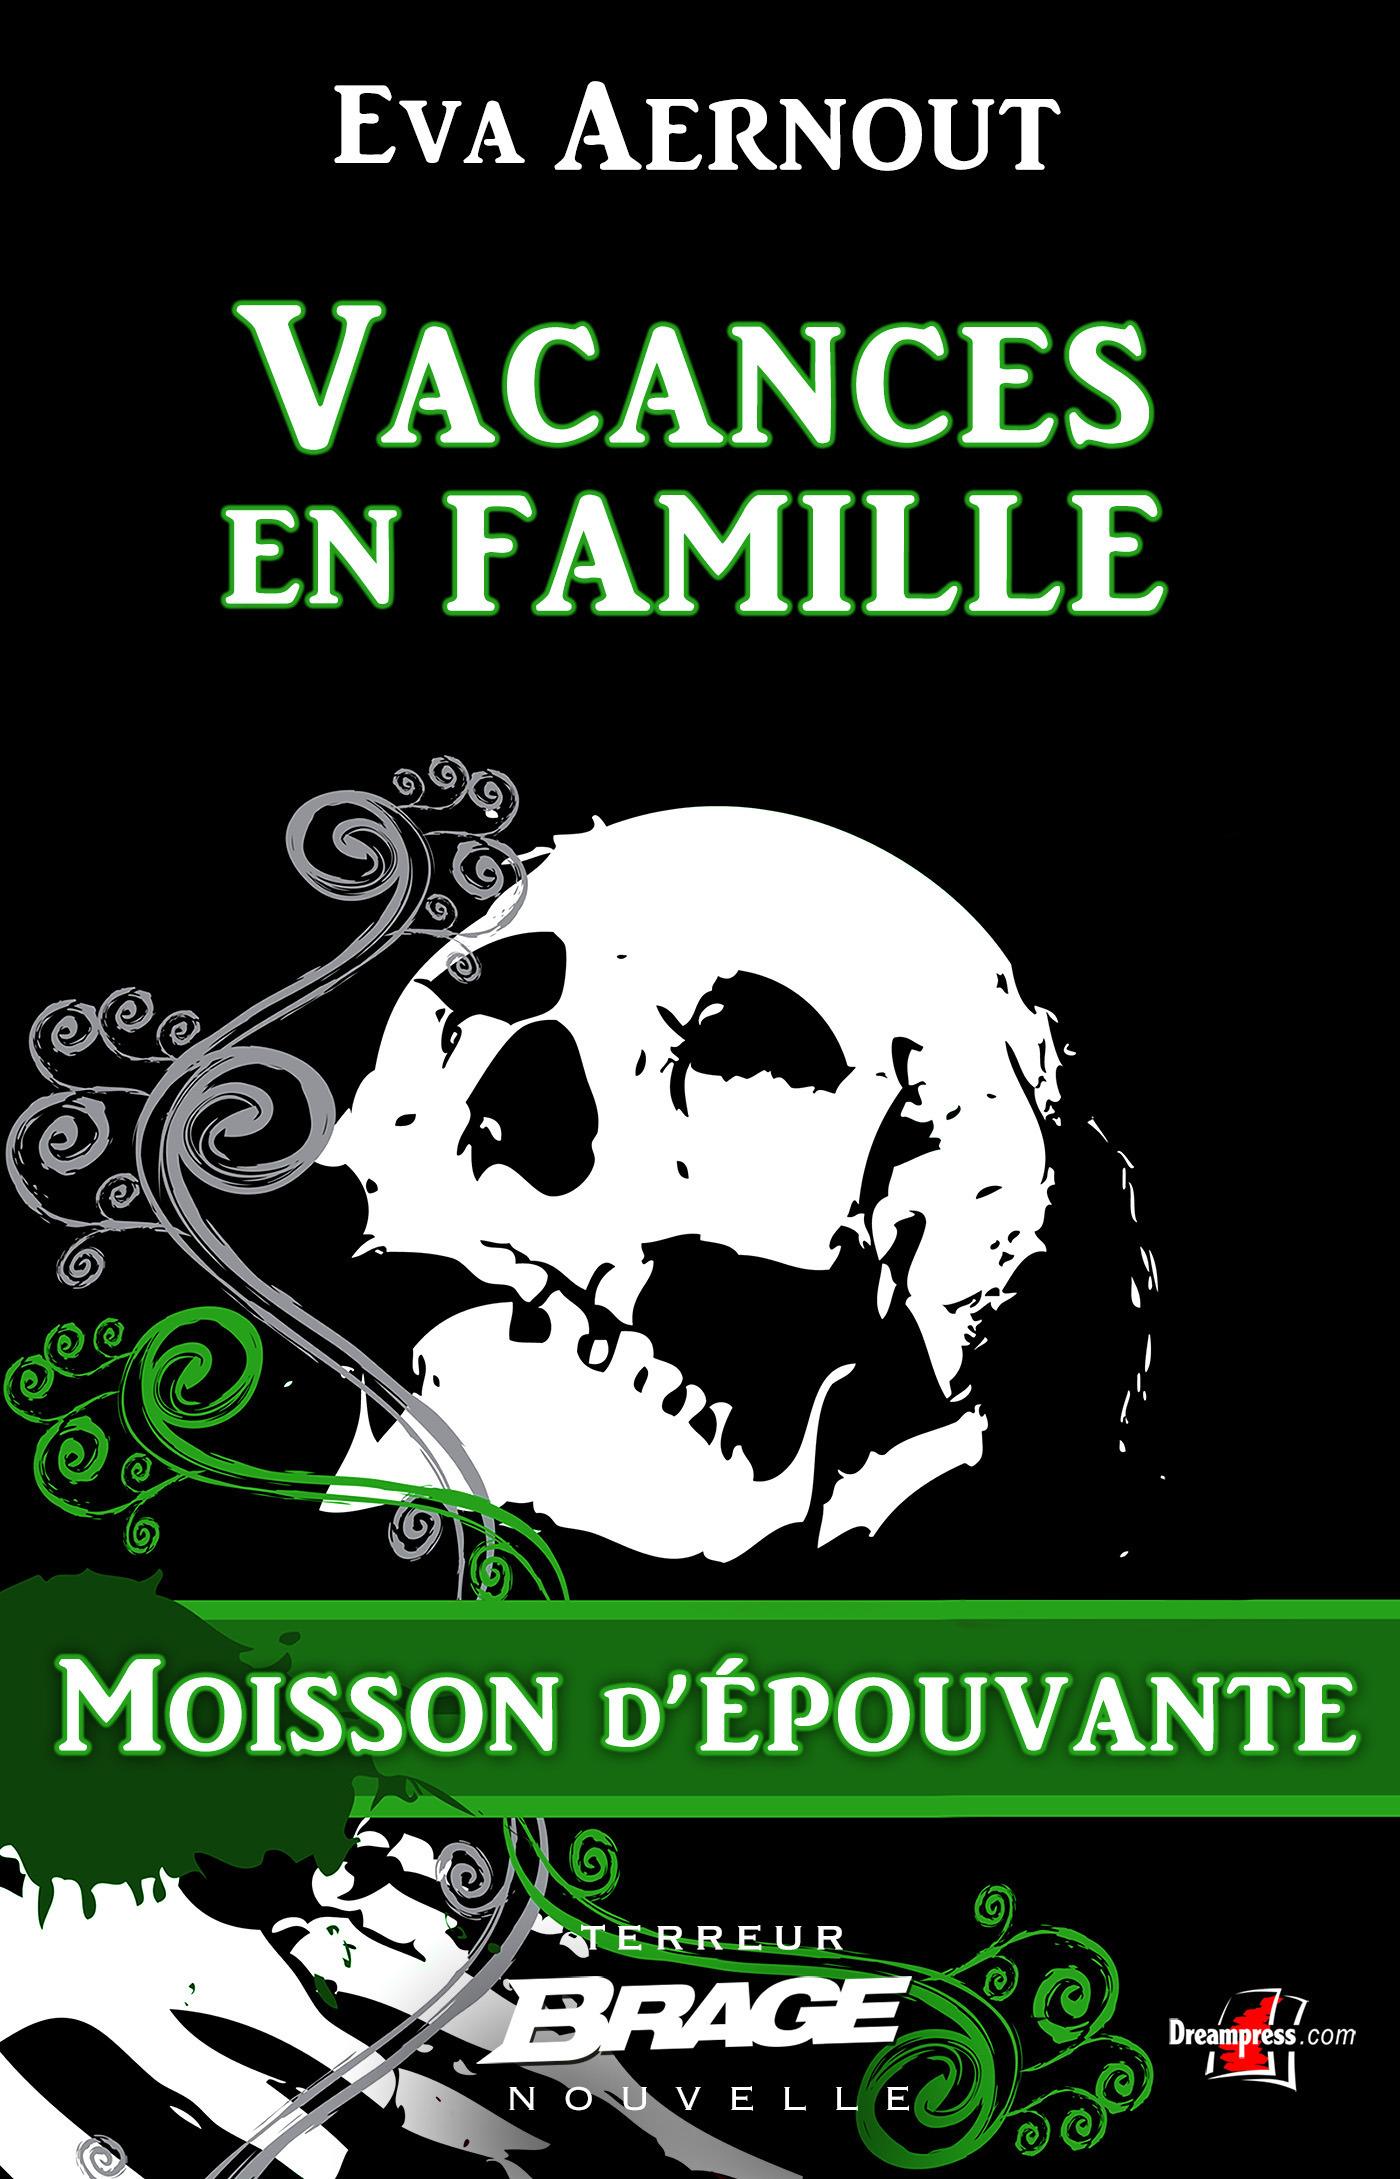 Vacances en famille - Moisson d'épouvante